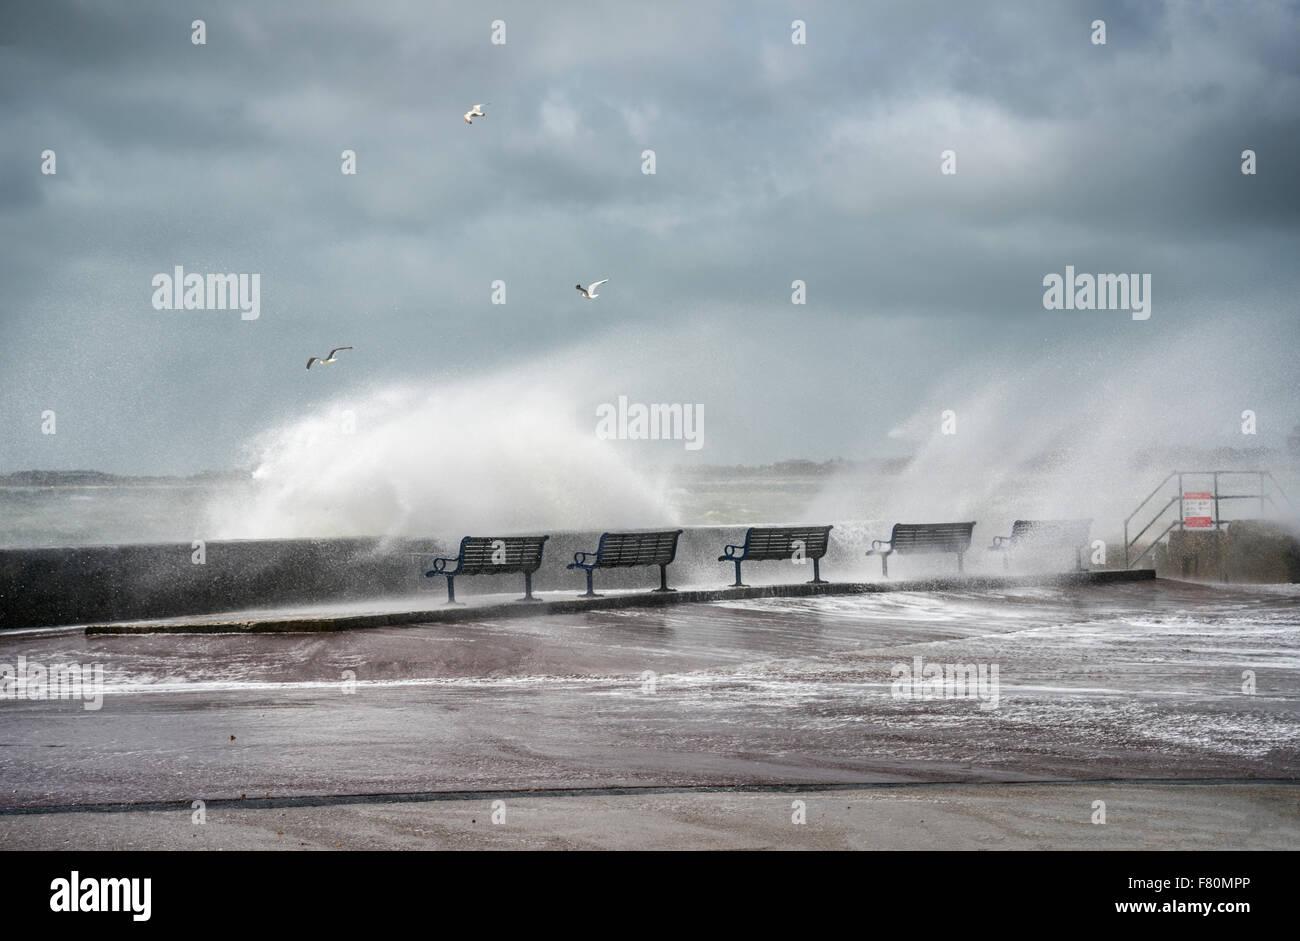 Le temps orageux au Porthmouth Harbour Parade, Hampshire, England, United Kingdom | Stuermisches Wetter an der Hafenpromenade Photo Stock